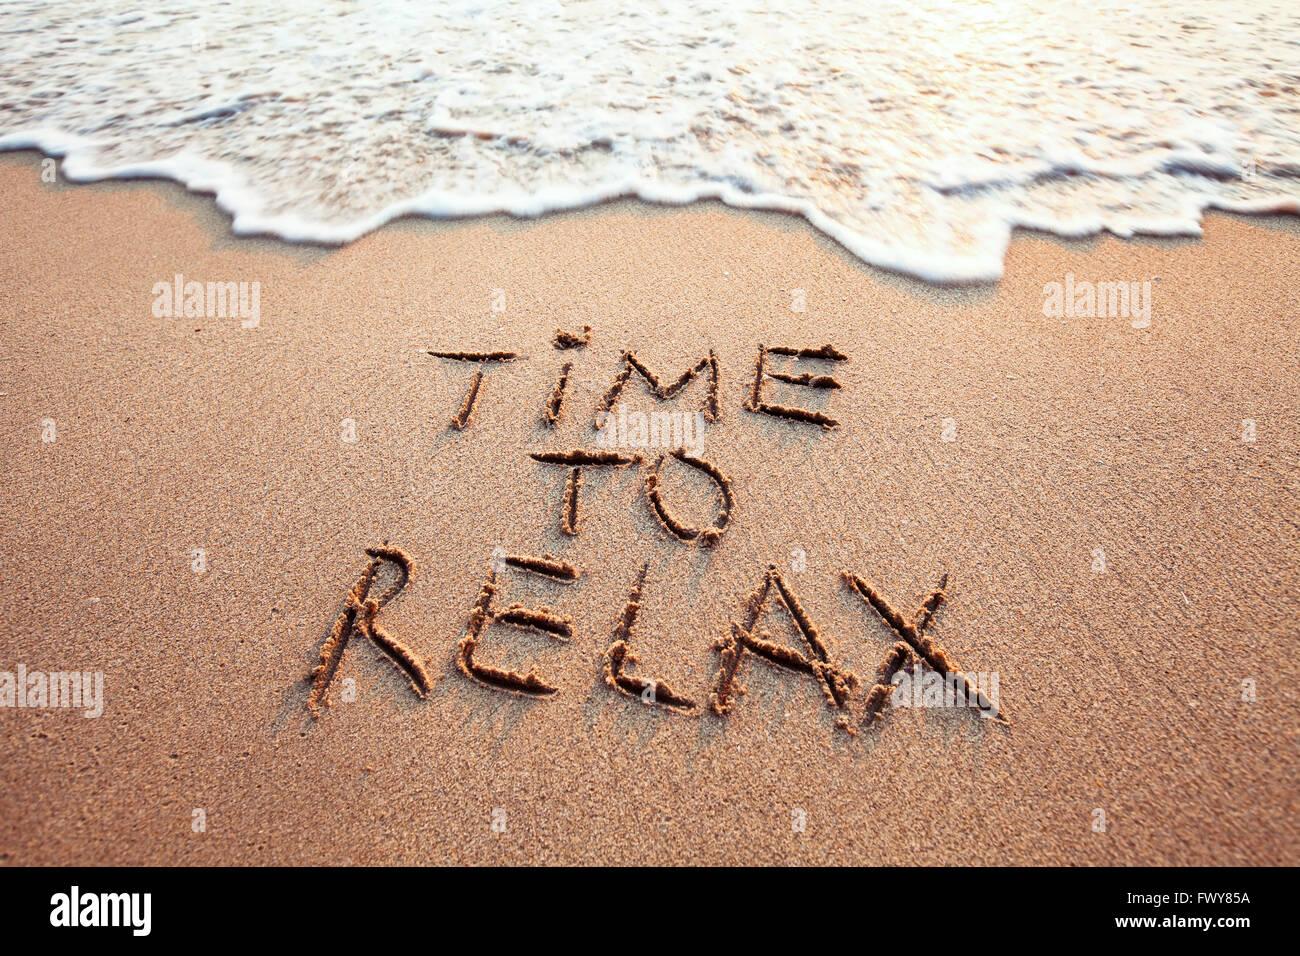 Tempo di rilassarsi, concetto scritta sulla spiaggia sabbiosa Immagini Stock